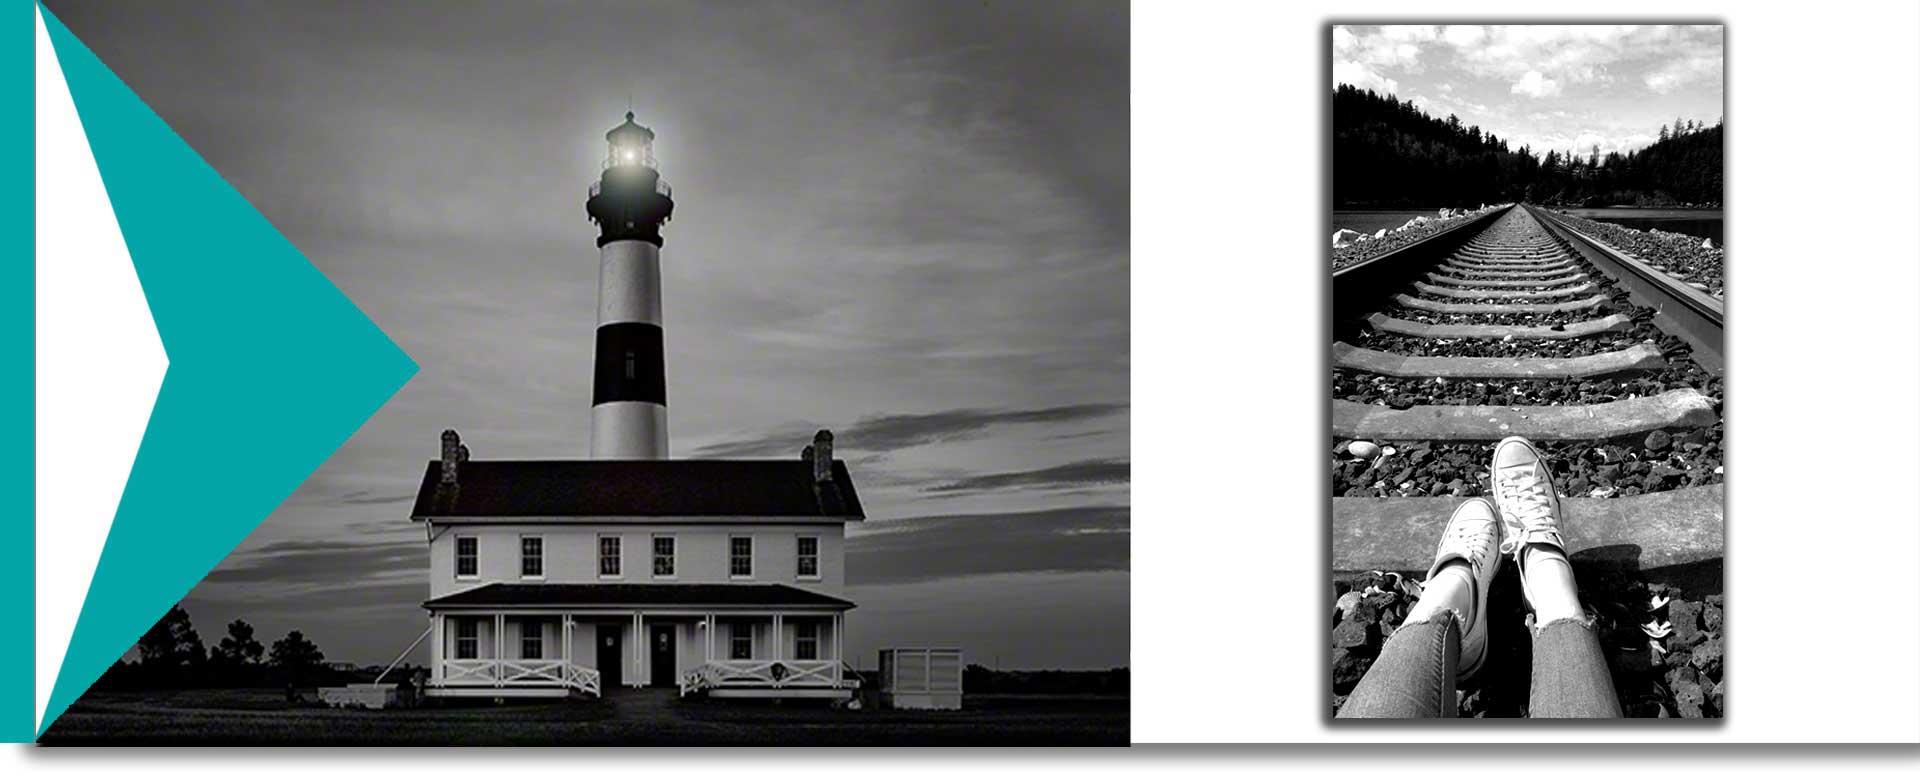 Stunning Black and Whites 12 2 - ویژگی عکس های سیاه و سفید کدامند و چگونه میتوان به آنها دست یافت ؟